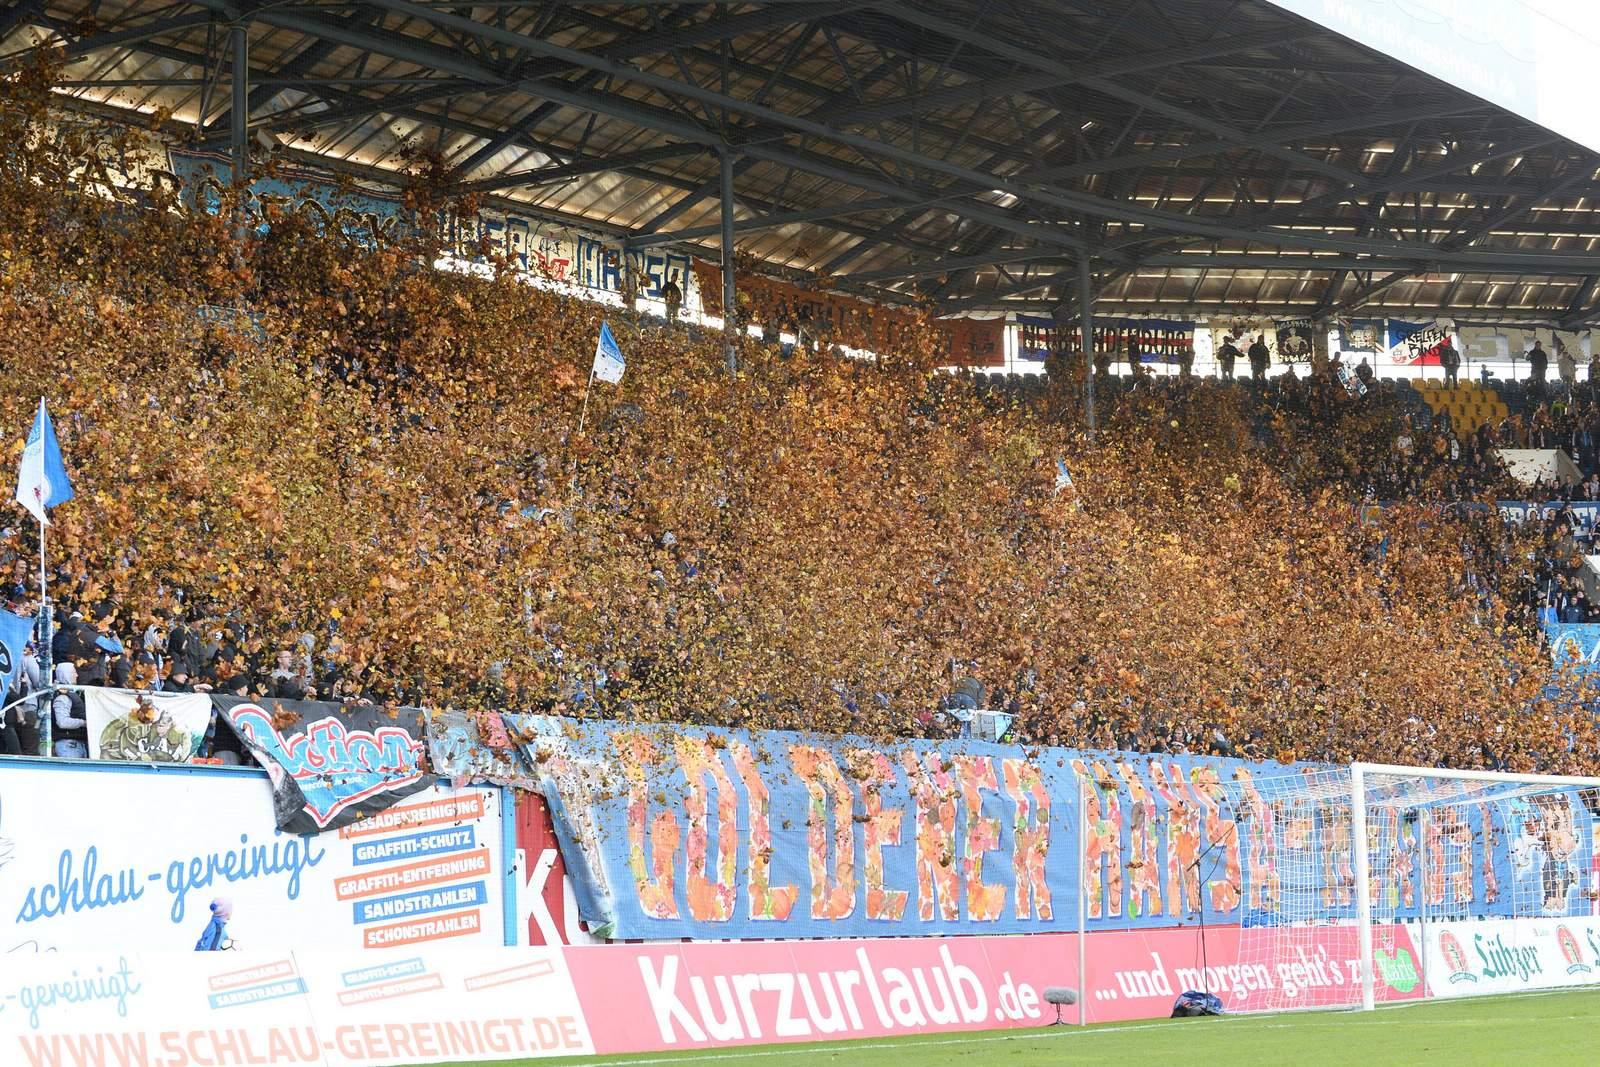 Rostocks Fans von Datenlecks bei Hansa überrascht